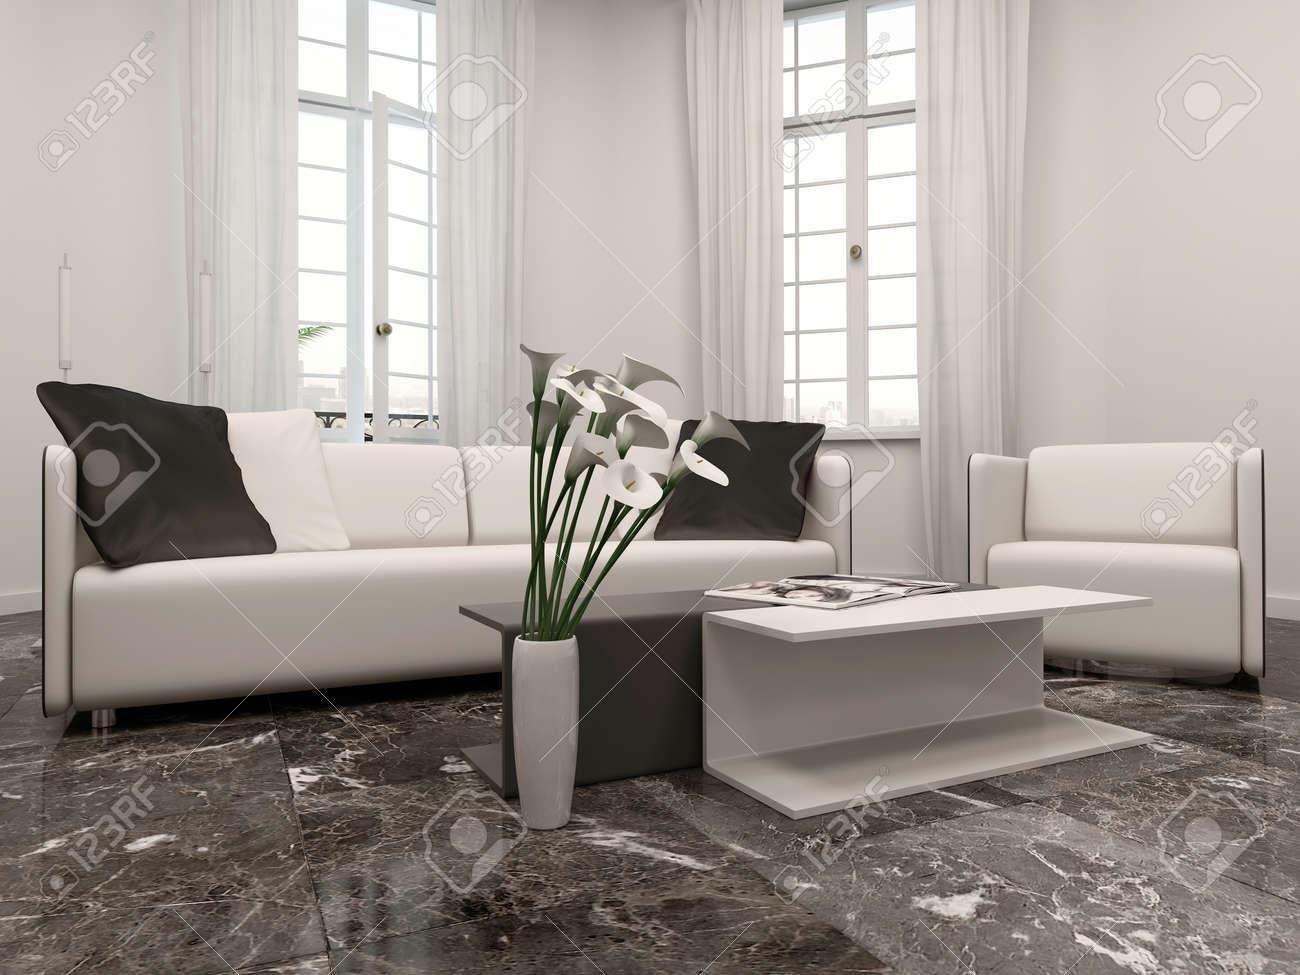 Witte woonkamer interiow met erker, bank en zwarte marmeren vloer ...